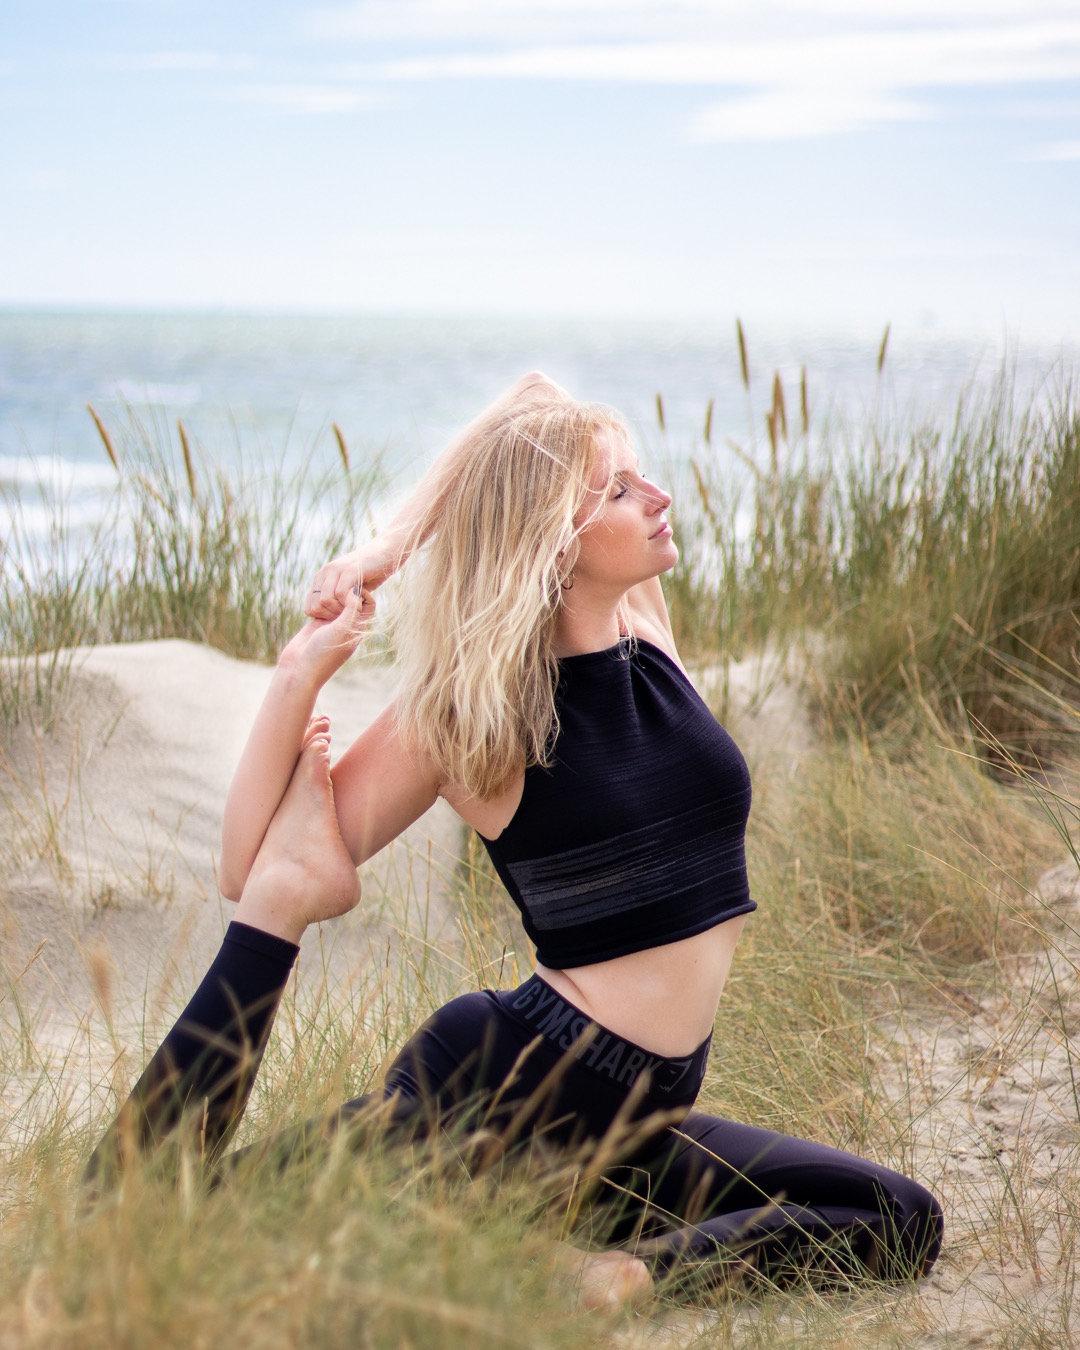 Vinyasa Flow Yoga with Nikki